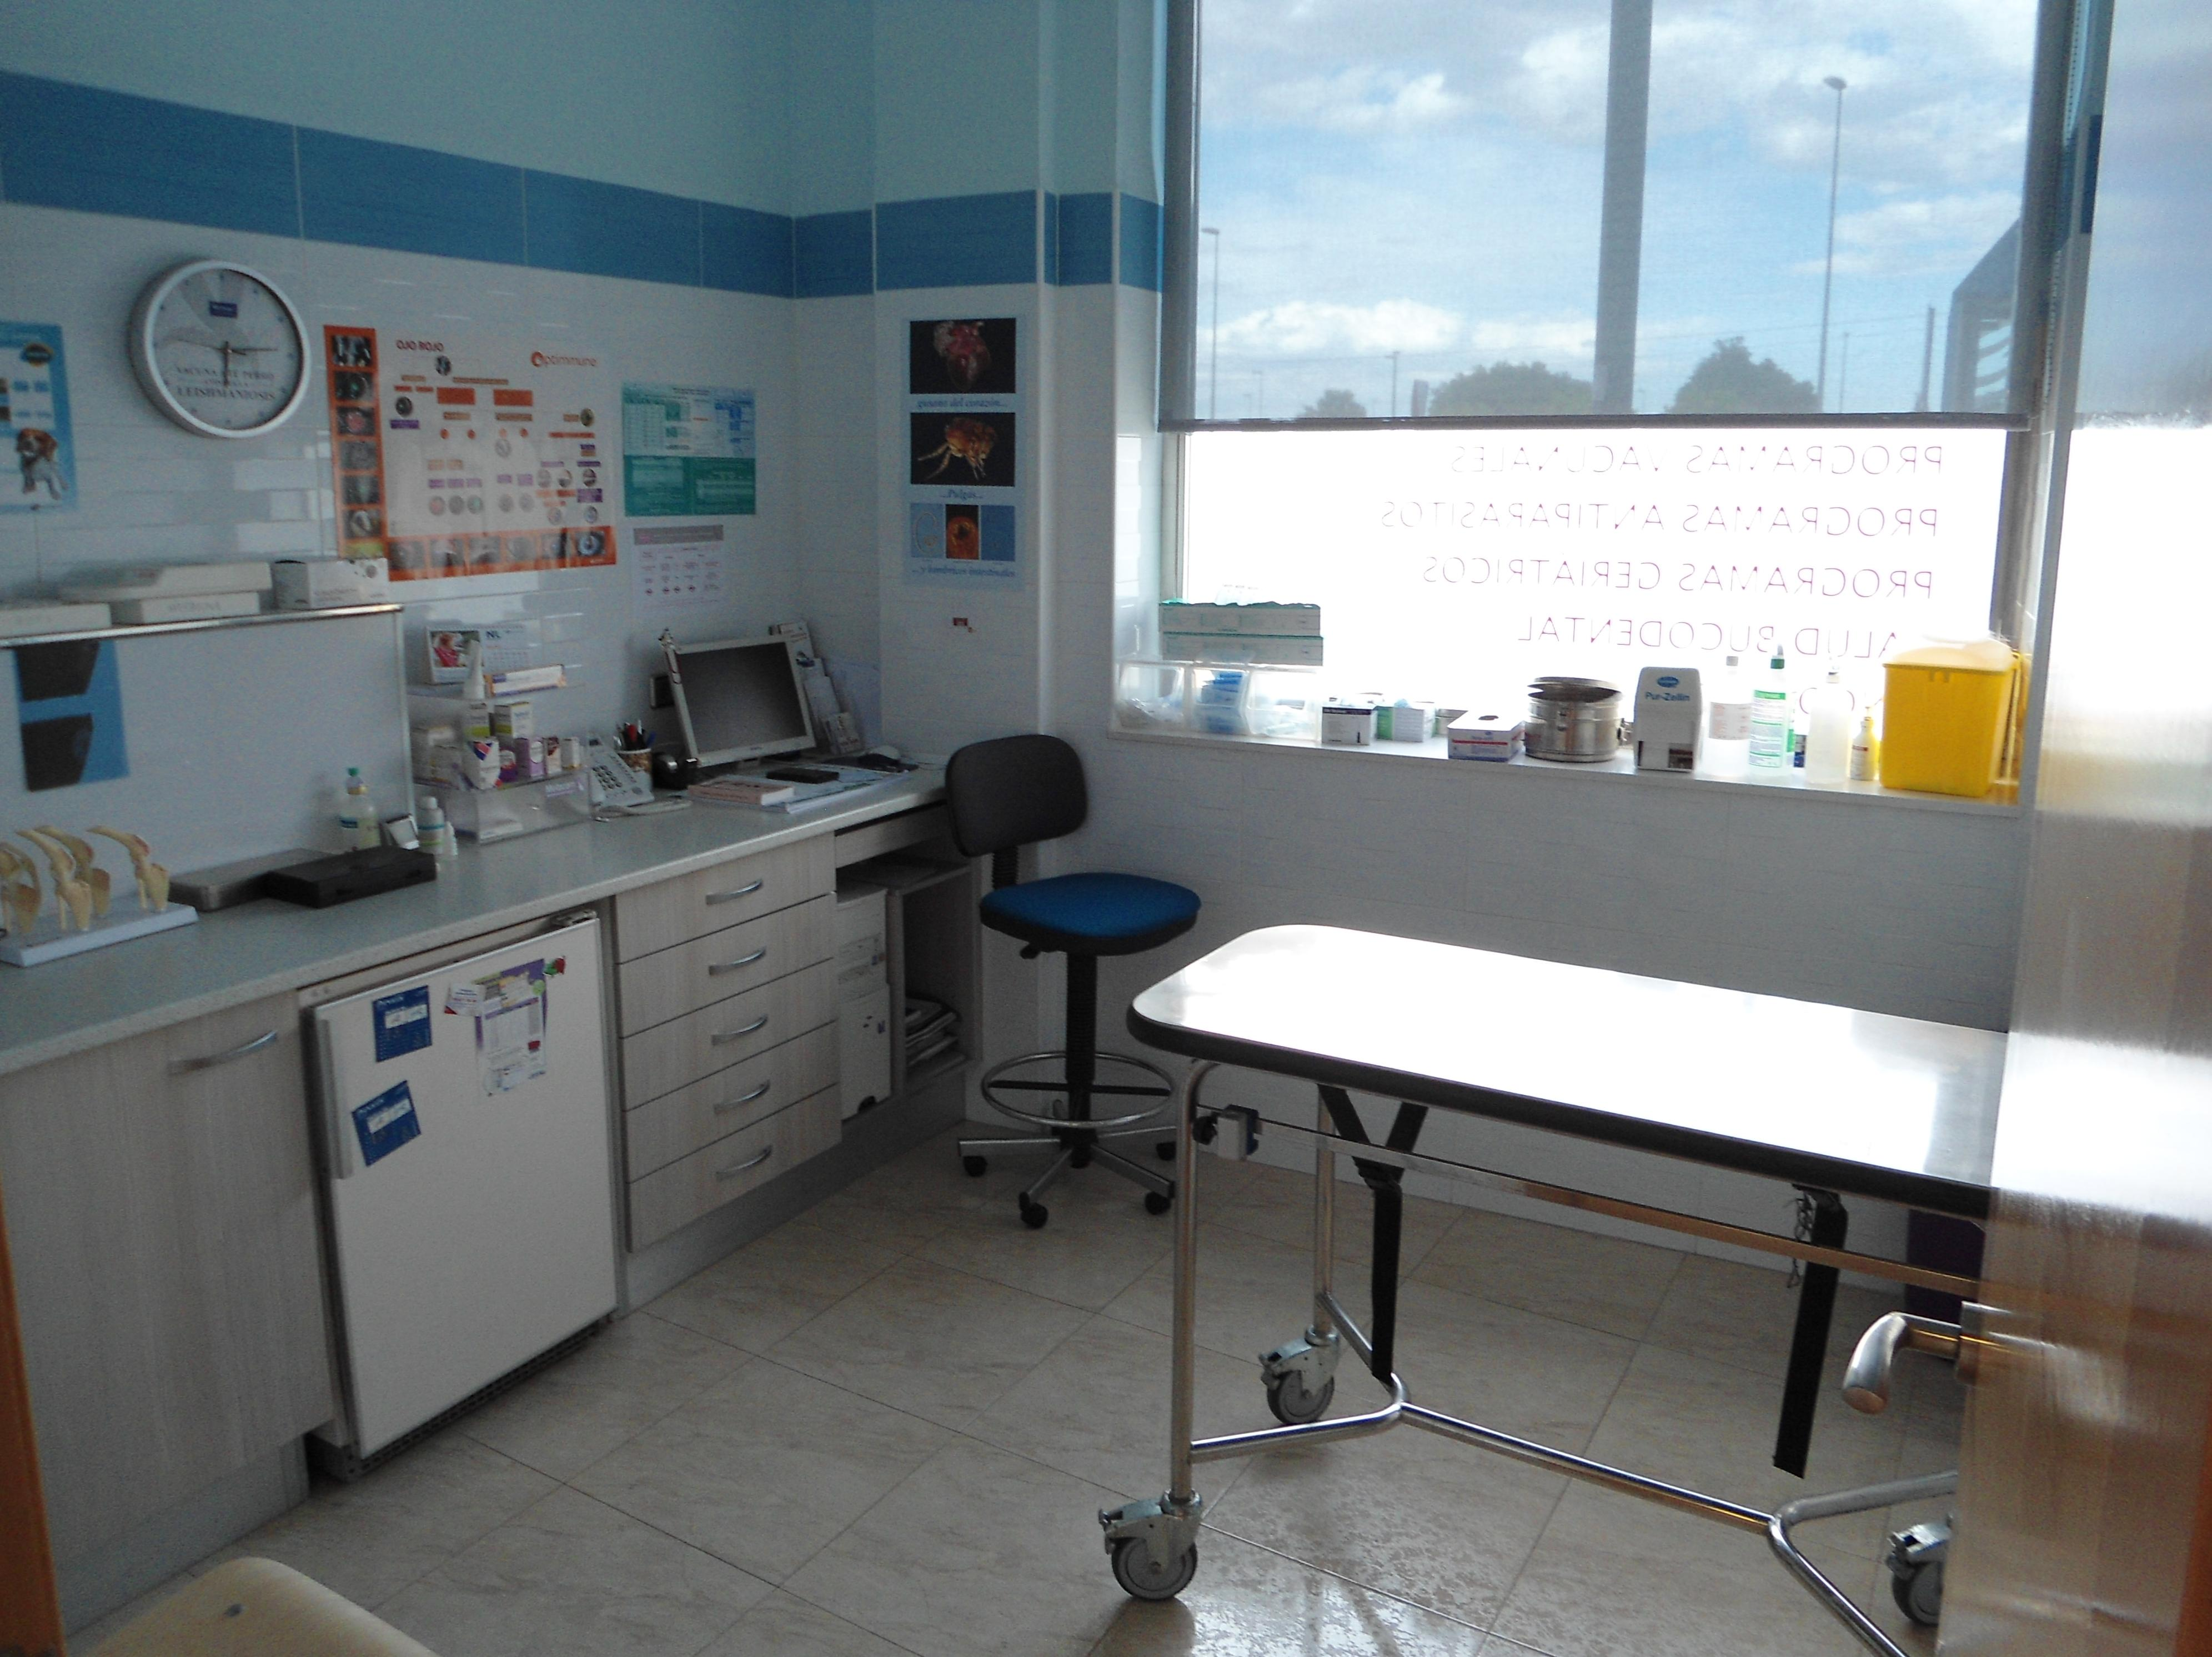 Instalaciones - Oficina virtual veterinaria ...